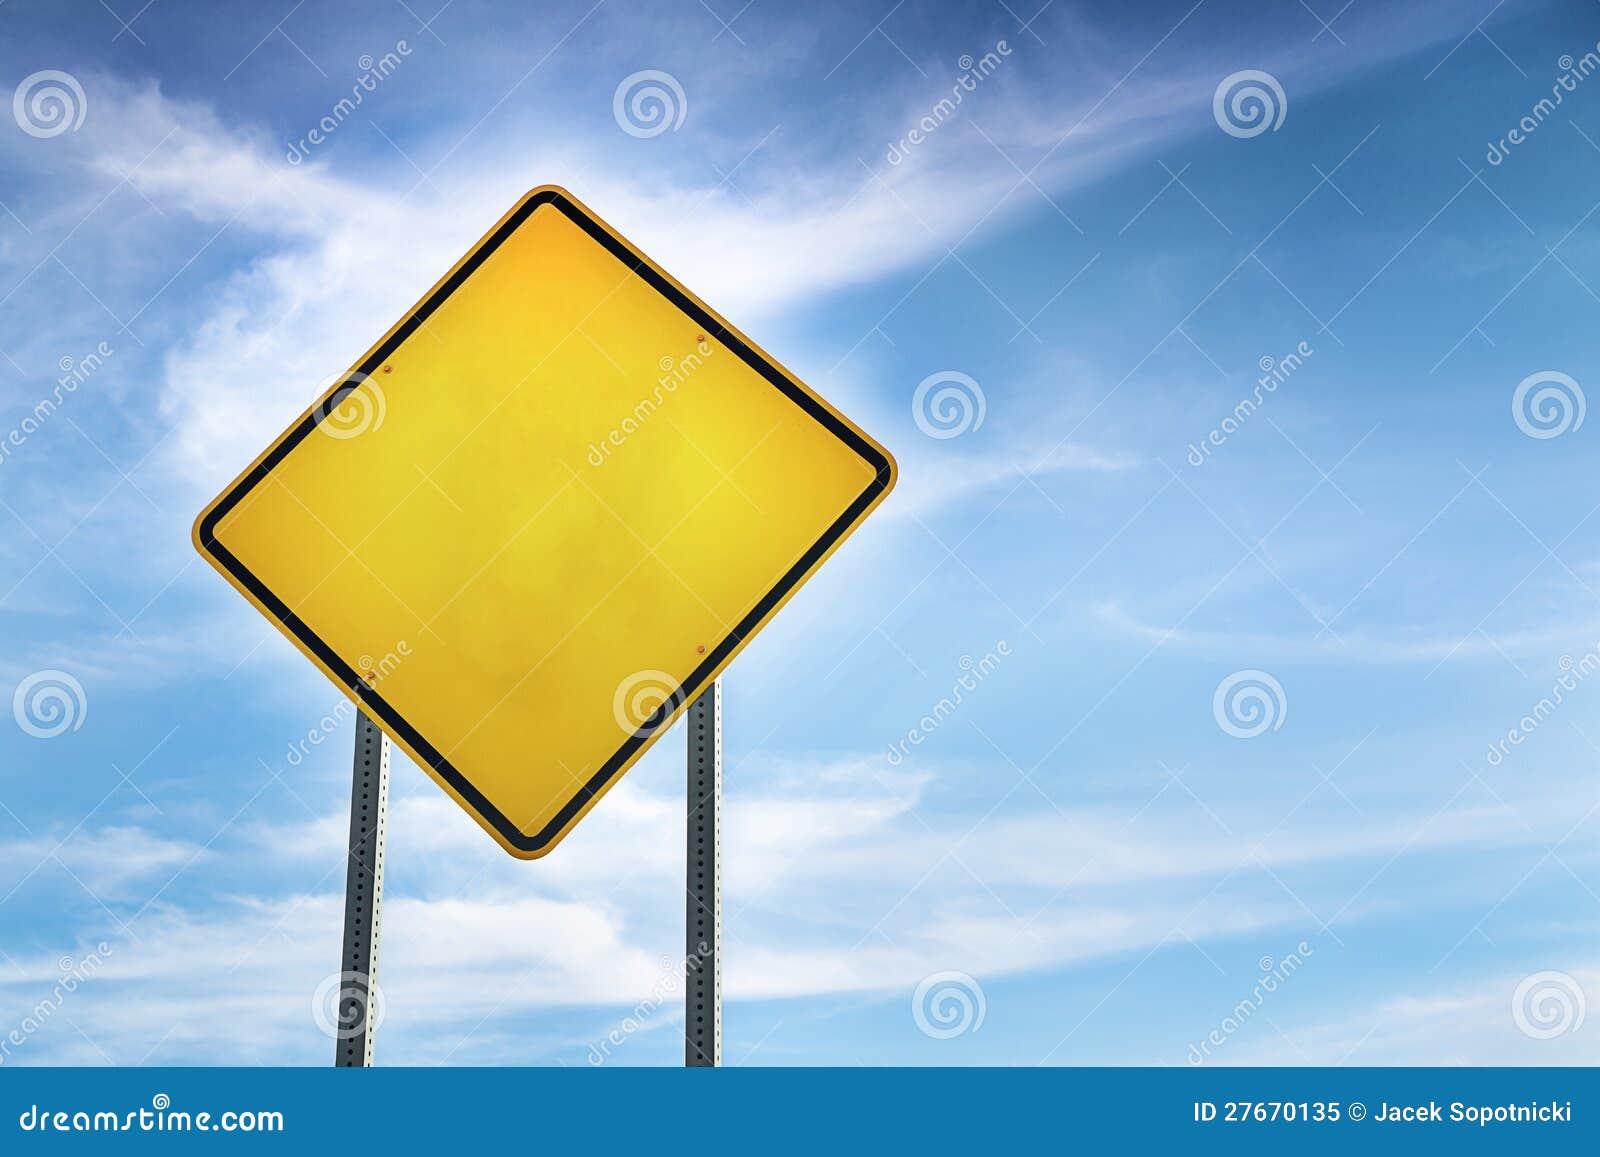 Warning Road Sign Blank  Yellow Road Warning